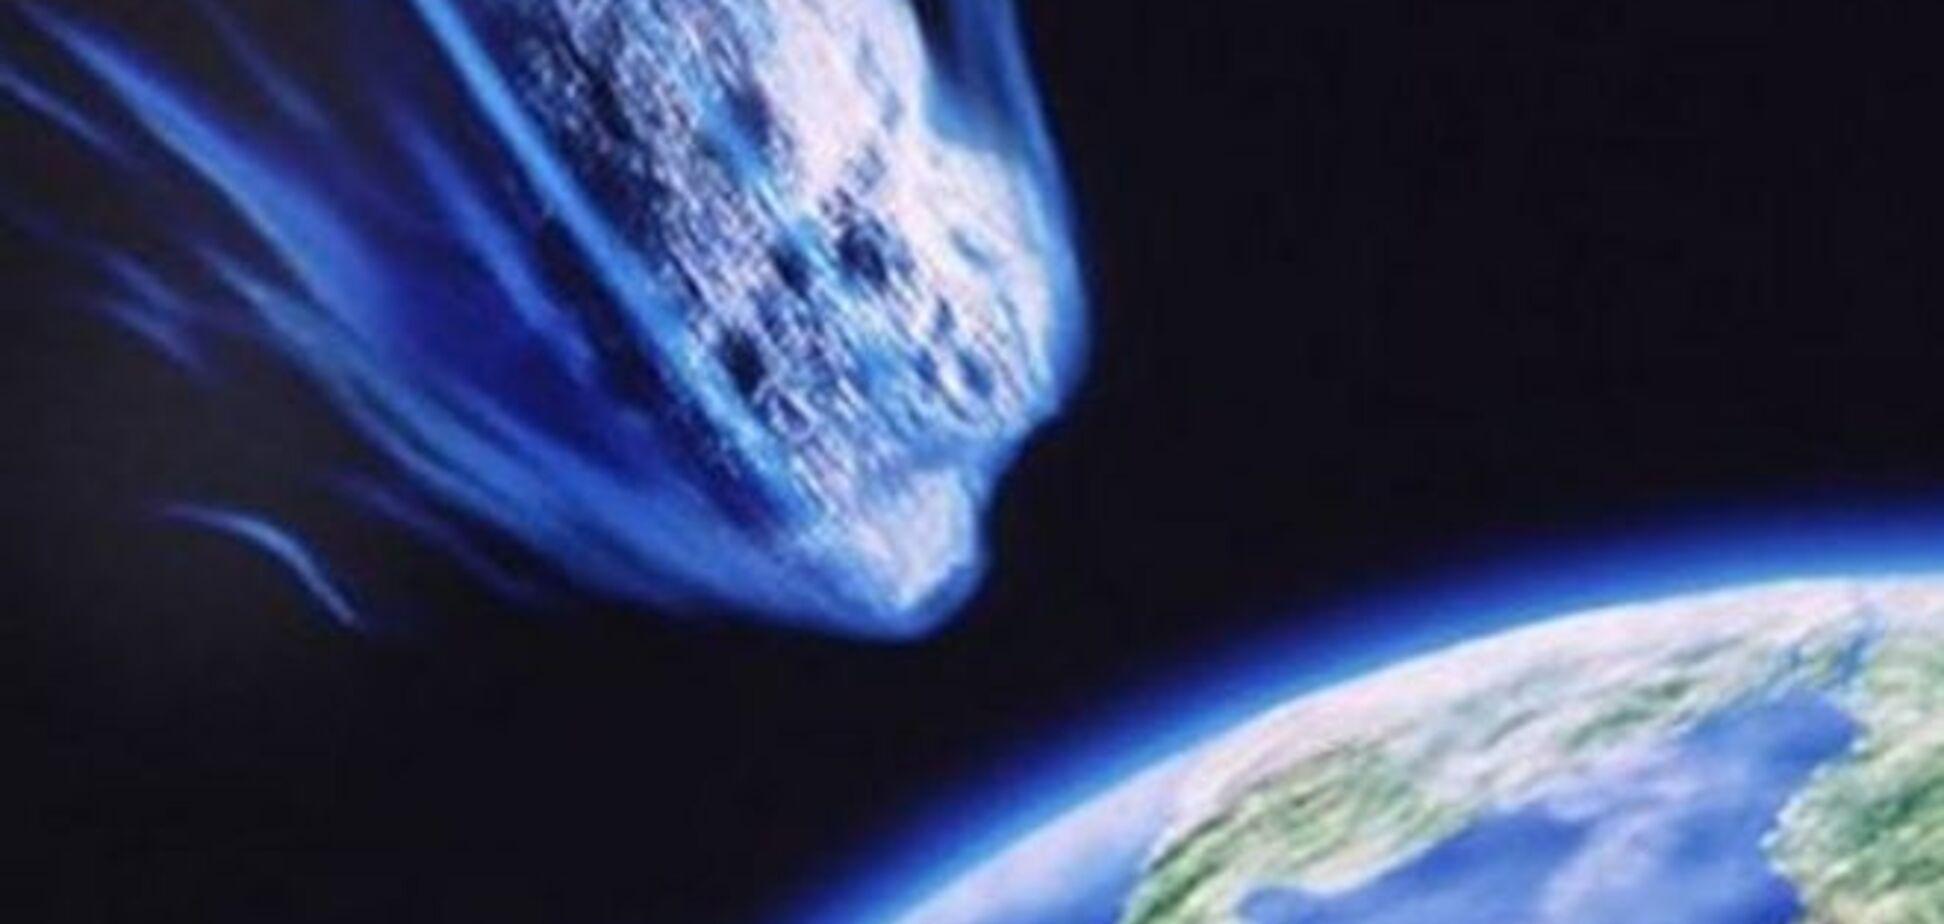 Повз Землю пролетів платиновий астероїд ціною в $5 трлн